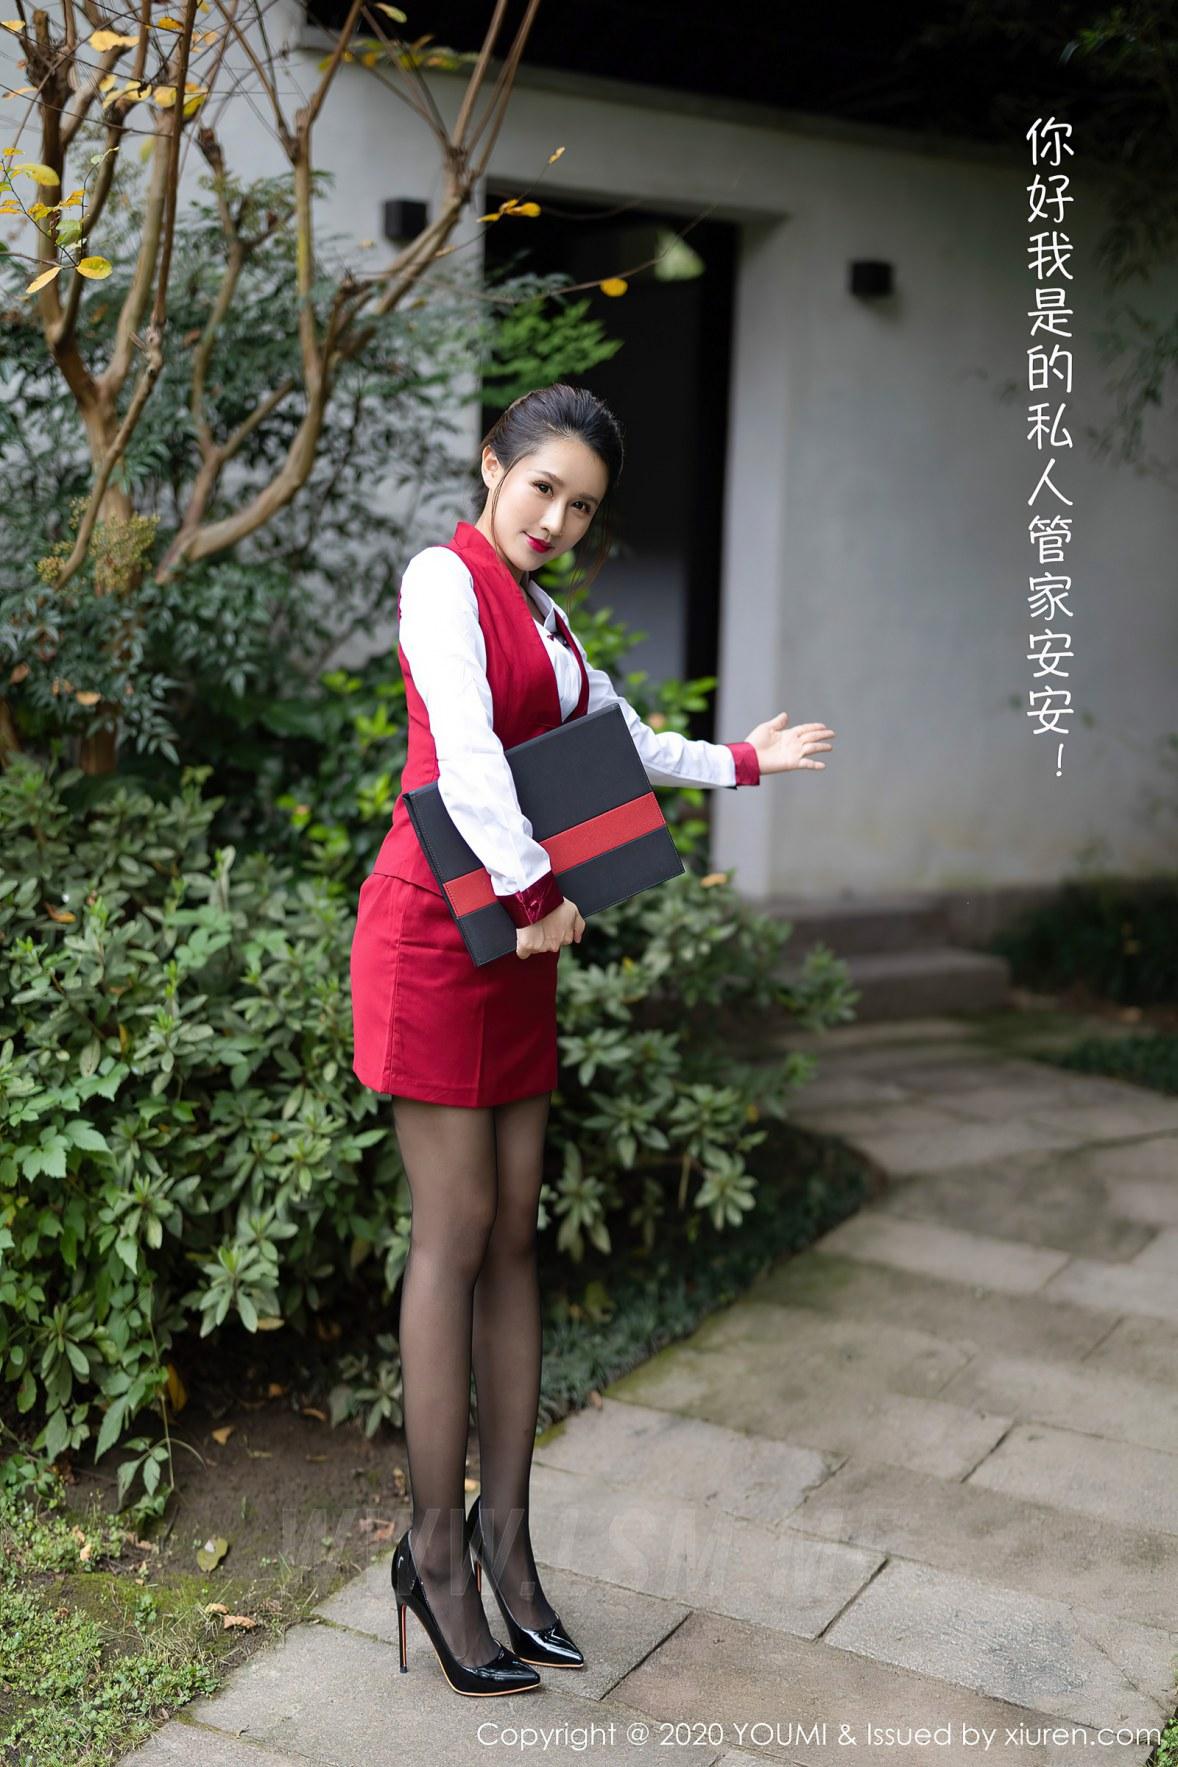 YOUMI 尤蜜荟 Vol.562 酒店私人管家 徐安安 - 1